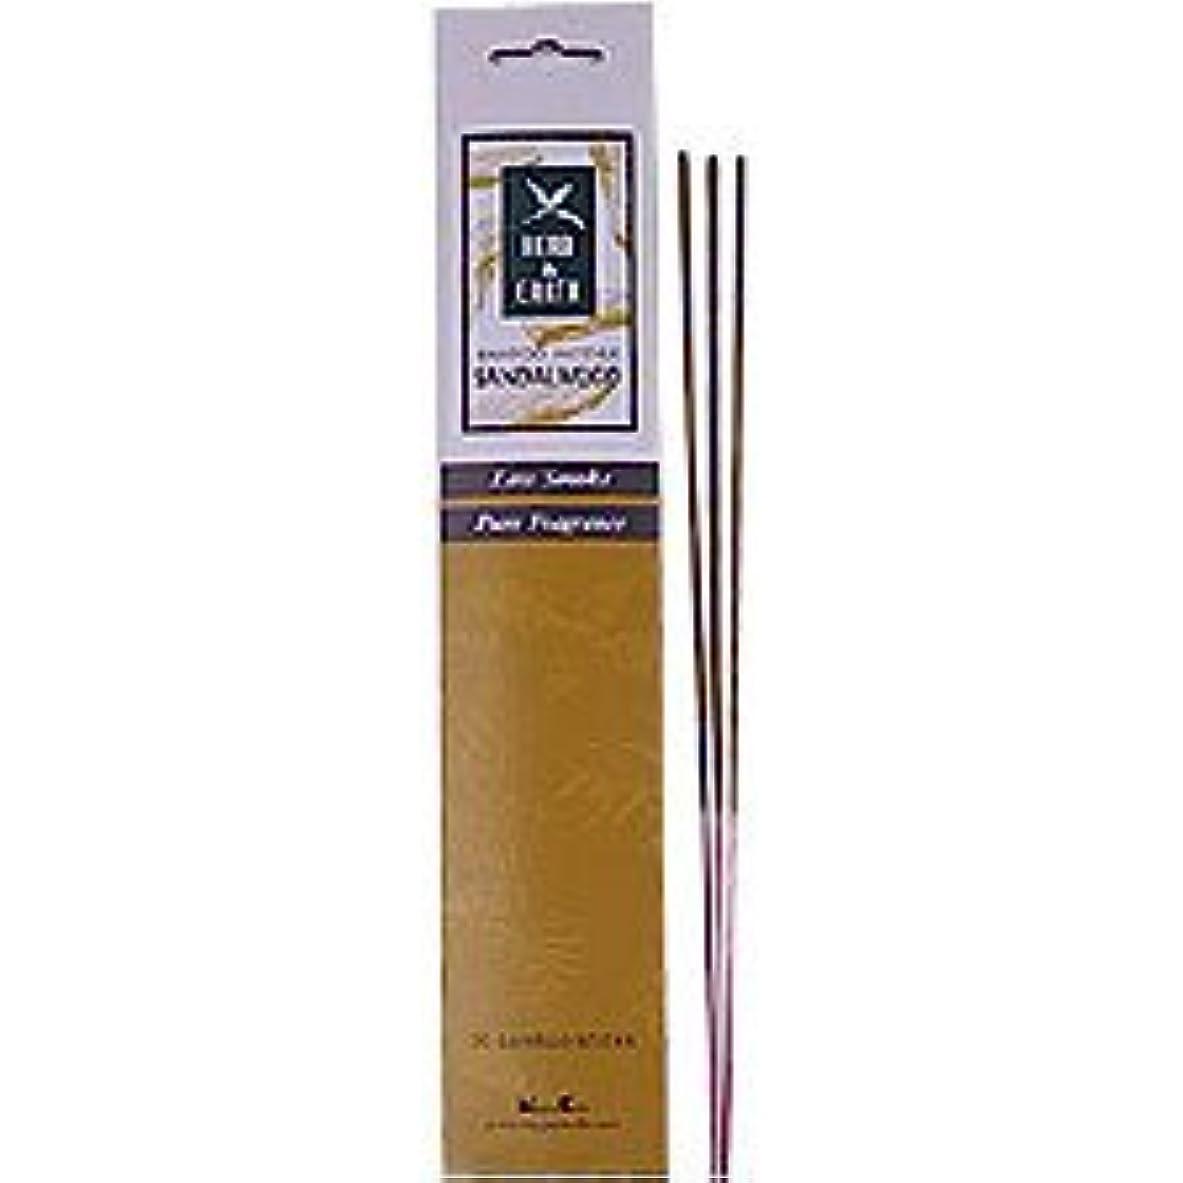 作成する毎月ナサニエル区Sandalwood - Herb and Earth Incense From Nippon Kodo - 20 Stick Package by Herb & Earth [並行輸入品]